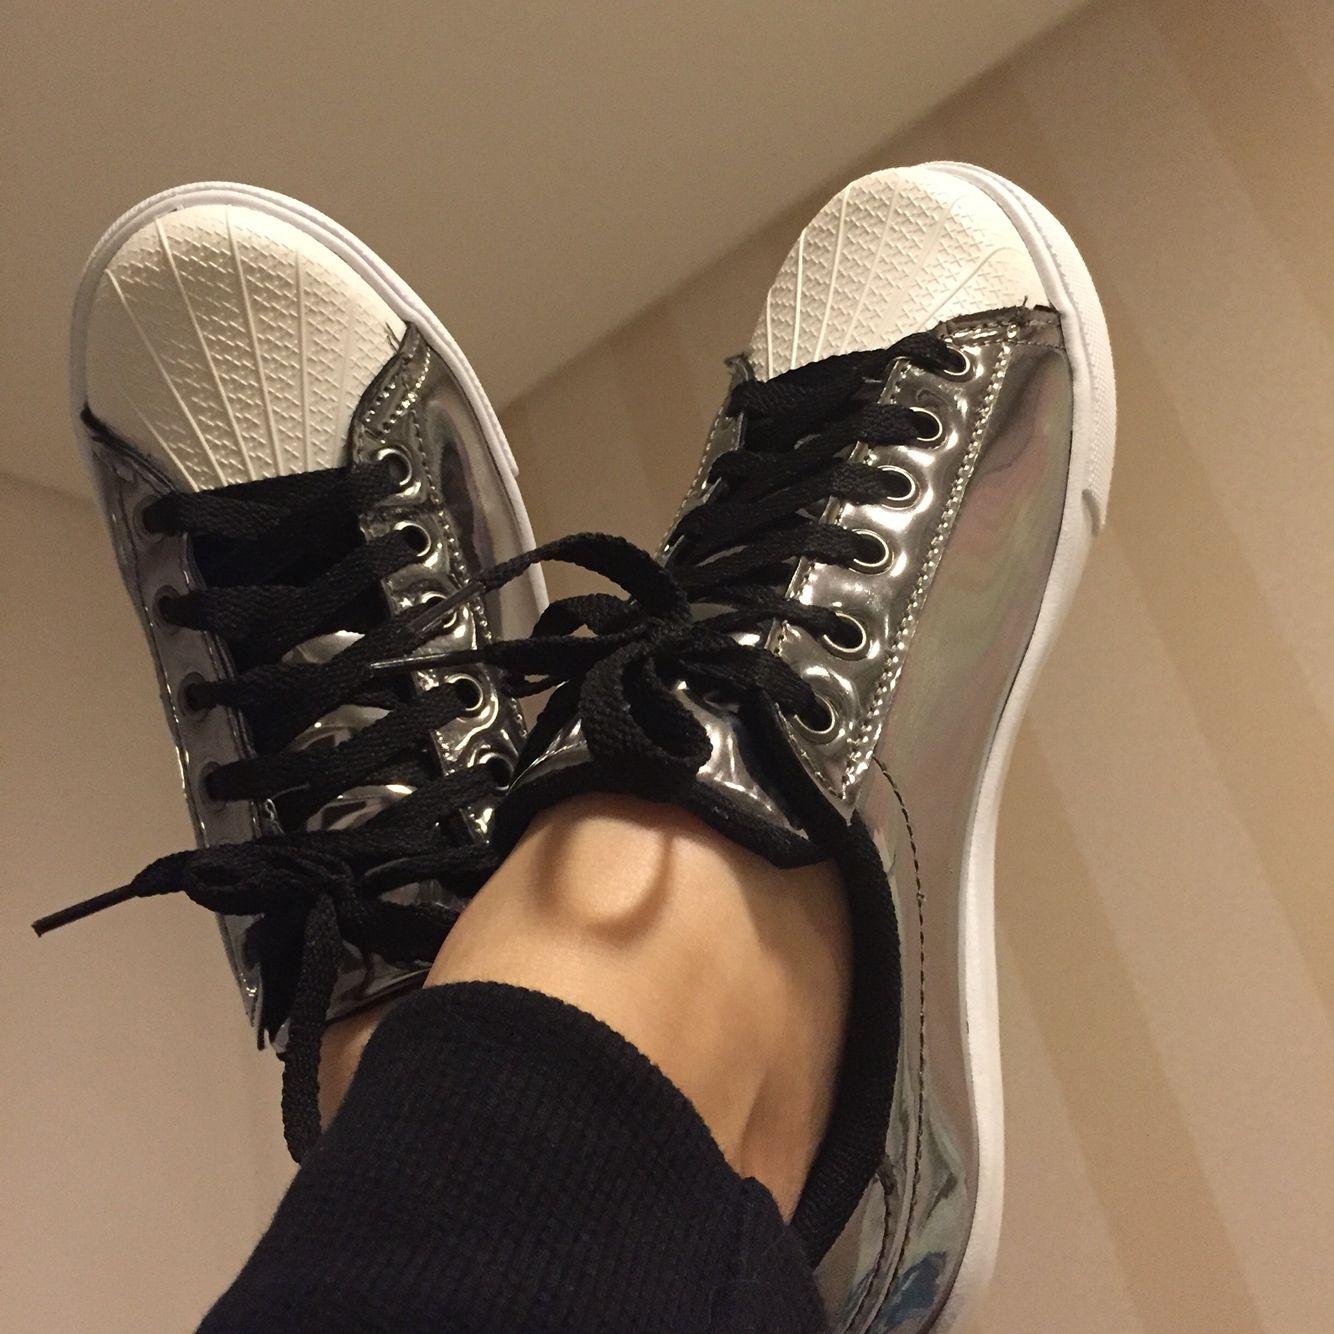 Acabei de receber !!!! Apaixonada pelo meu tênis prata da @dafiti , lindo, confortável e super leve. www.dafiti.com.br